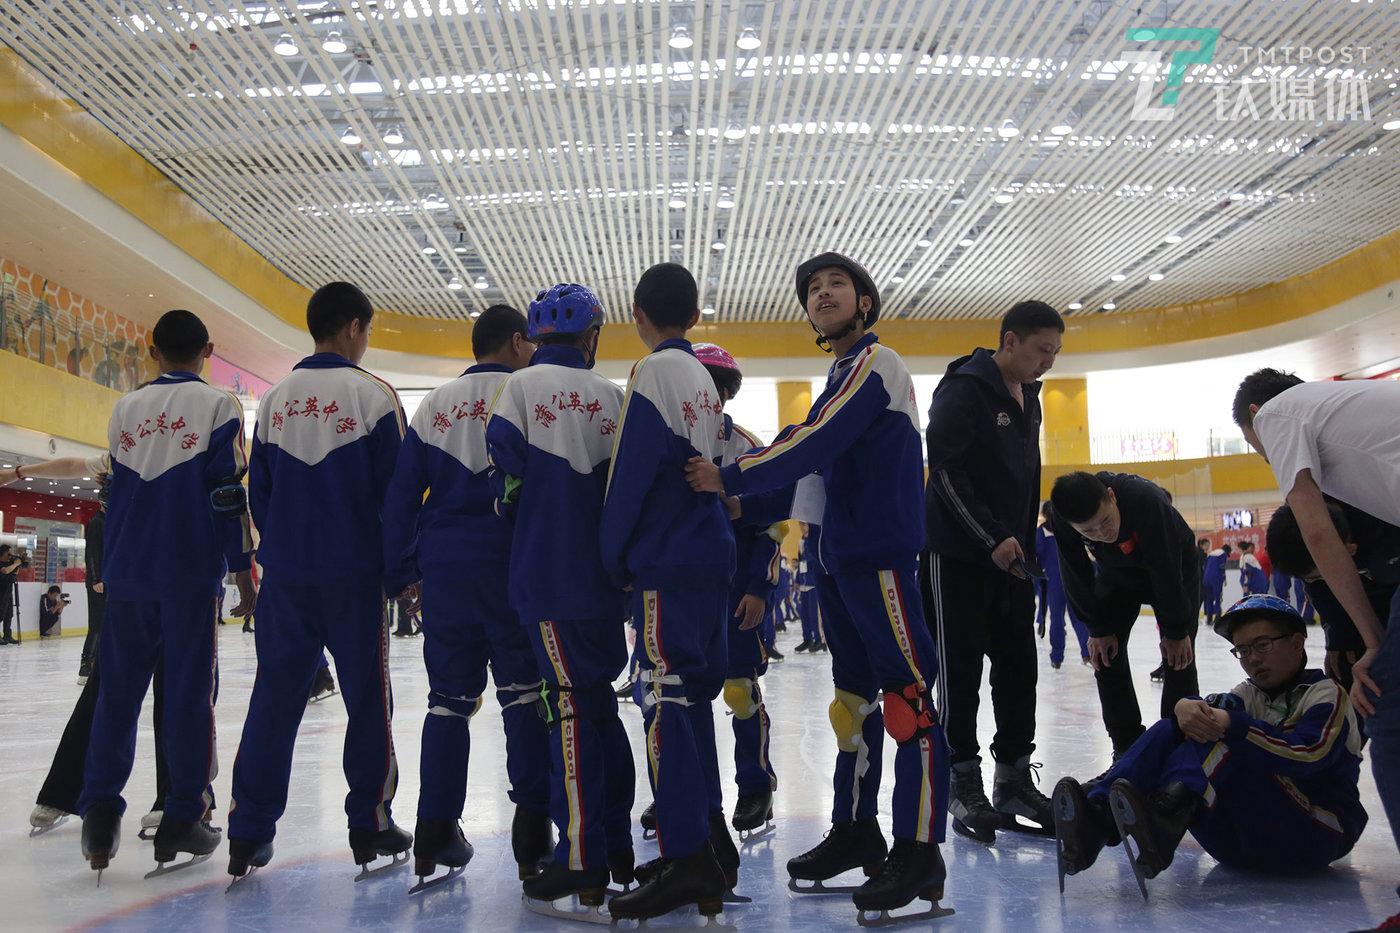 在爱心企业的帮助下,曾祺所在的班级集体来到北京国贸的冰场学习滑冰。